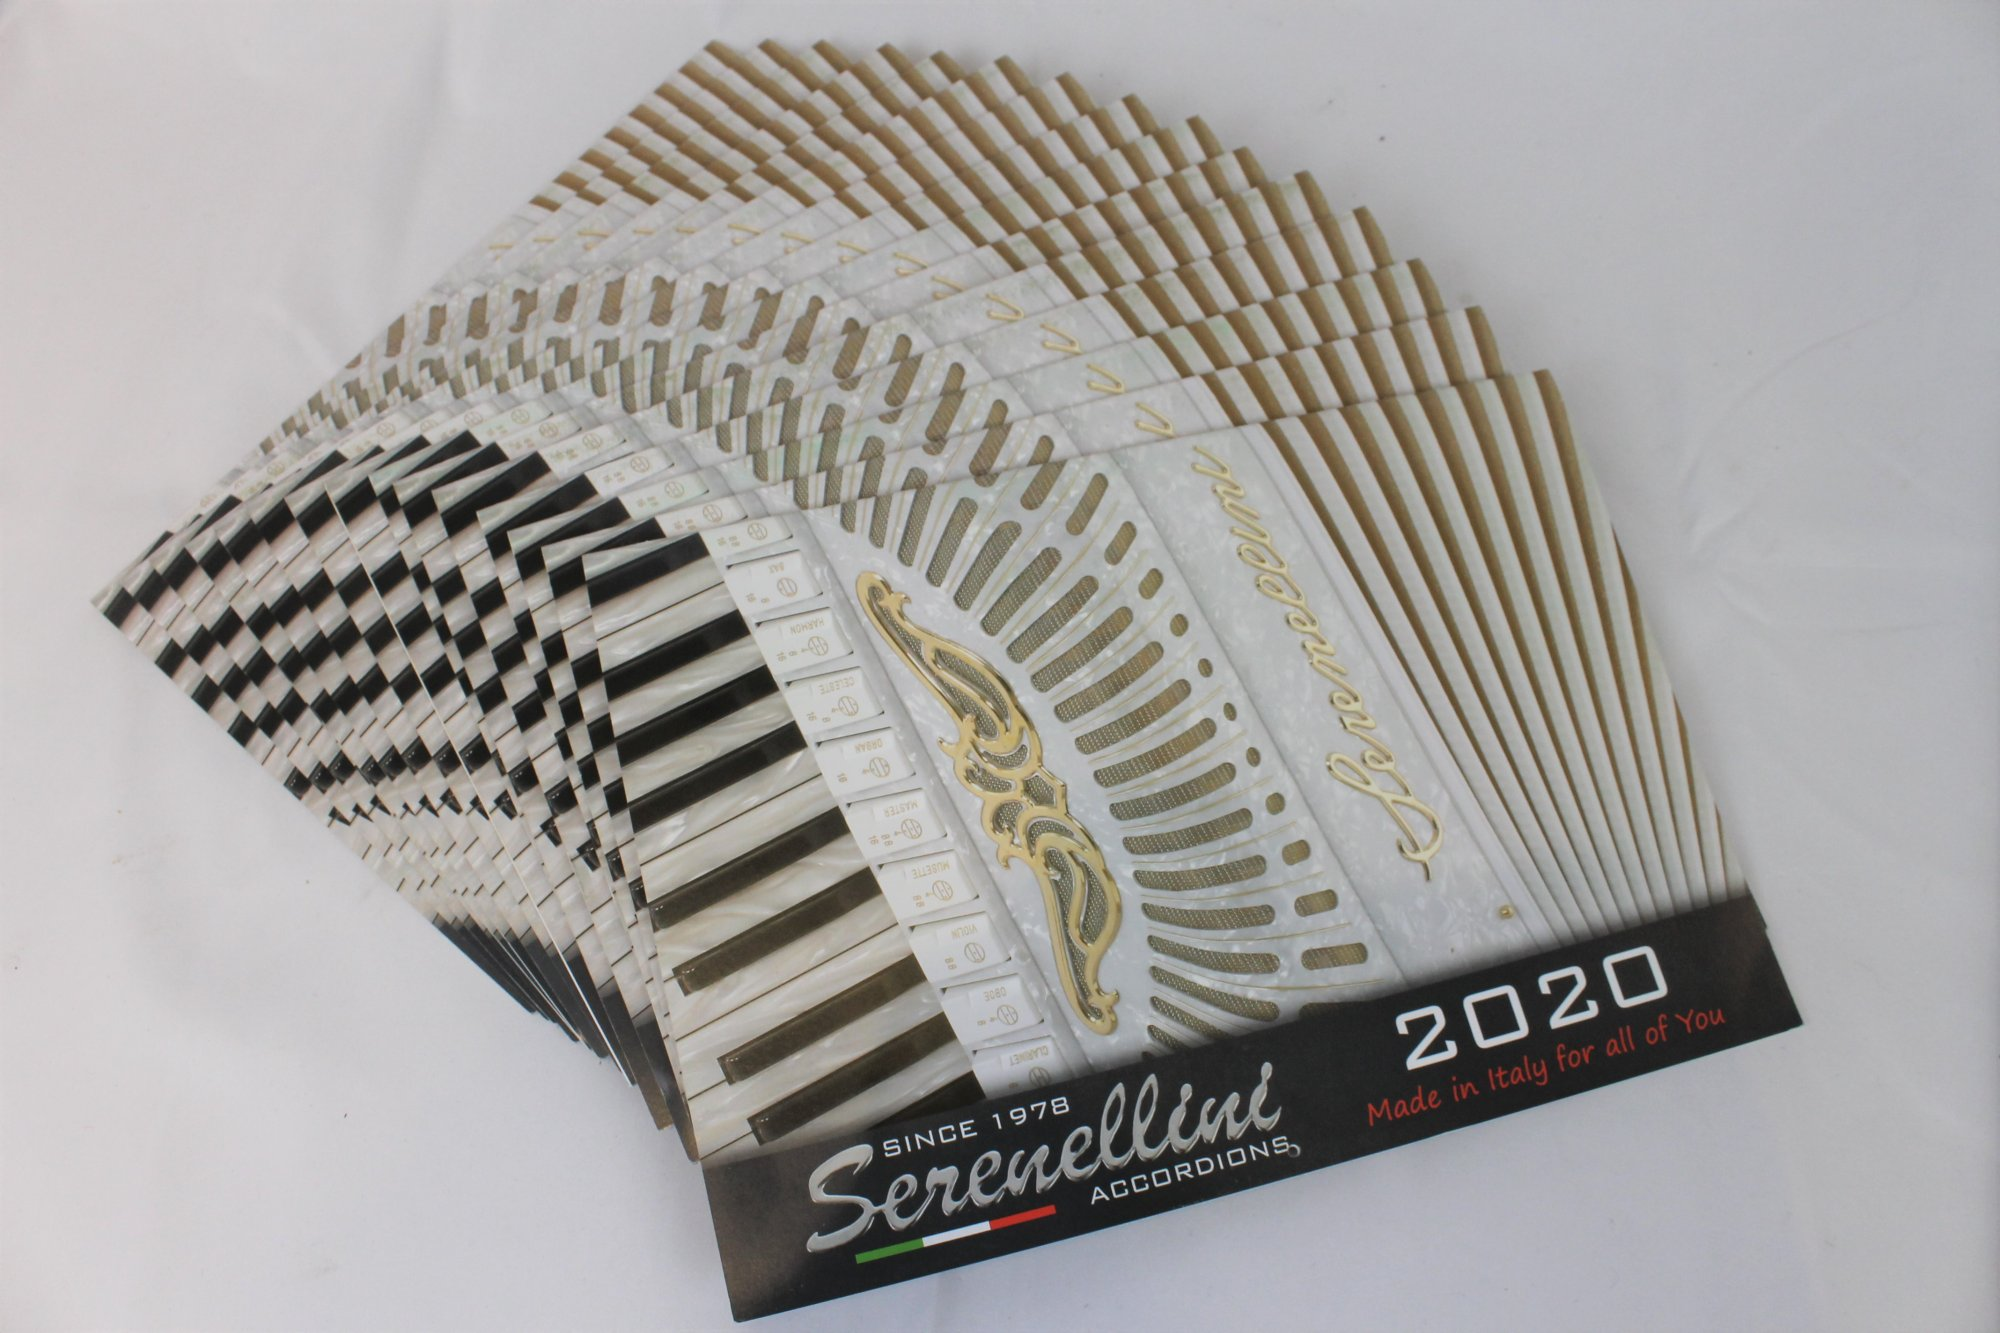 Serenellini Accordions Calendar 2020